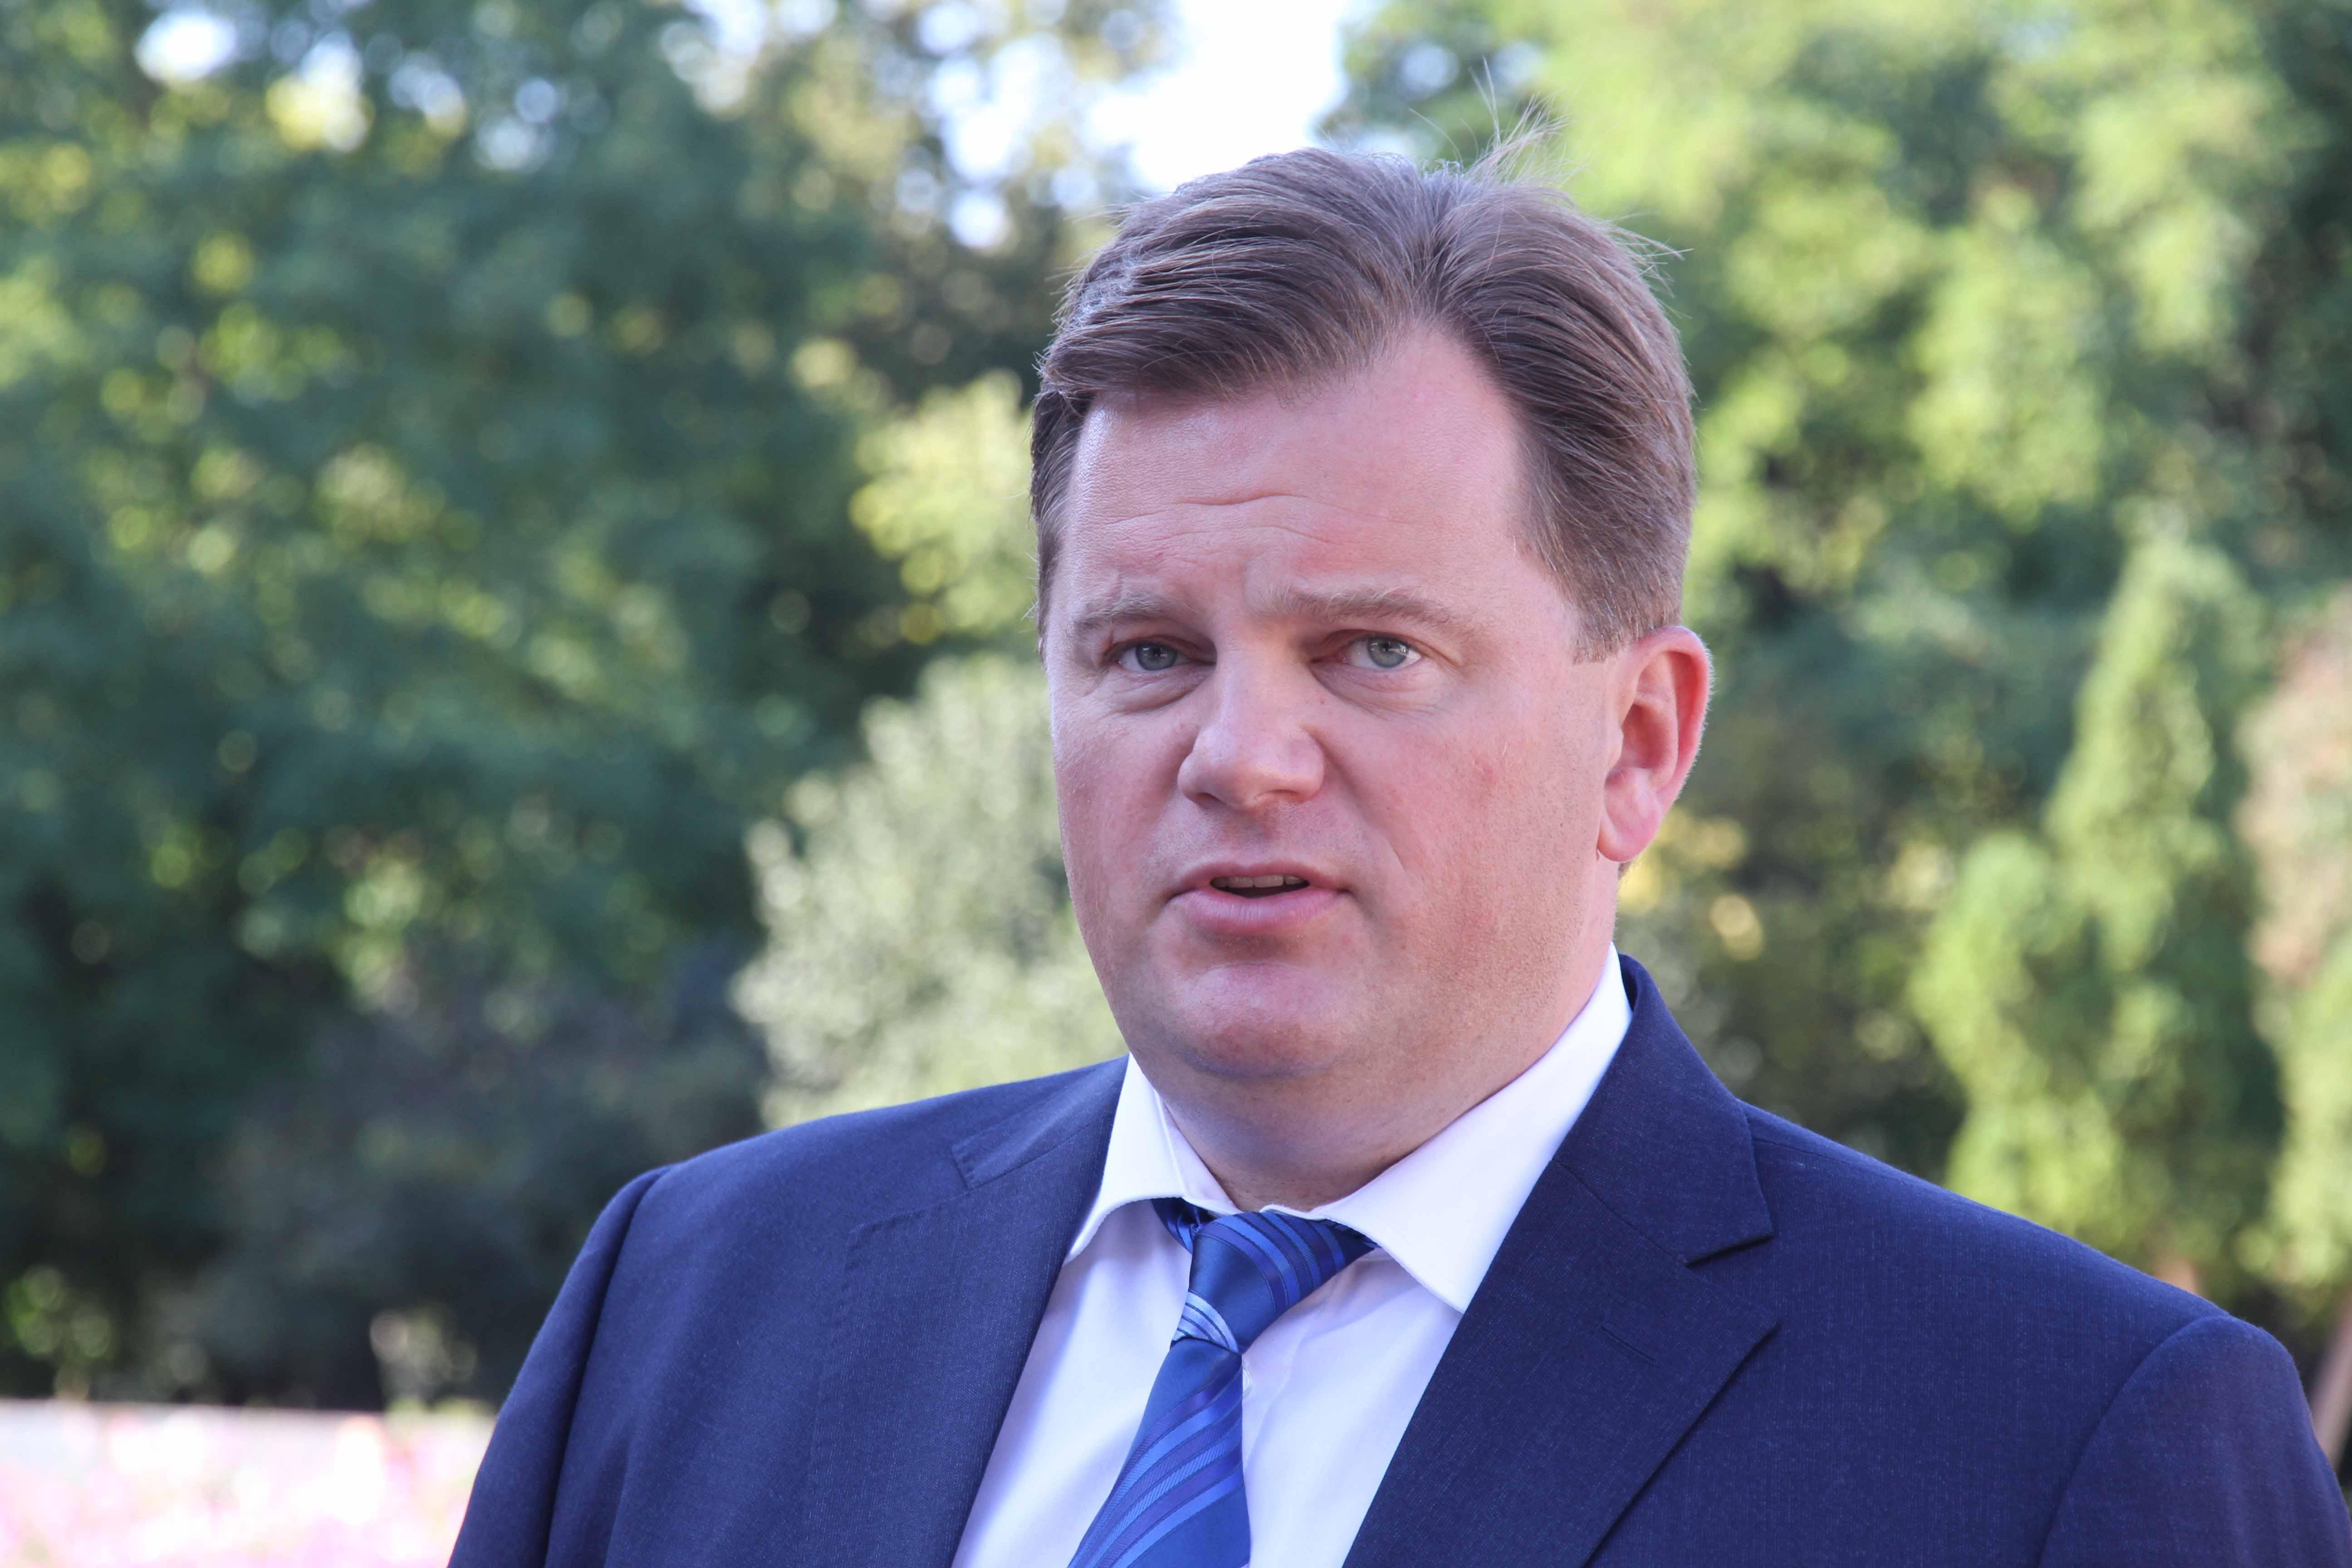 Я не я, и хата не моя: адвокат экс-губернатора Мельничука заявил, что он был не в курсе коррупции, которую развел его заместитель